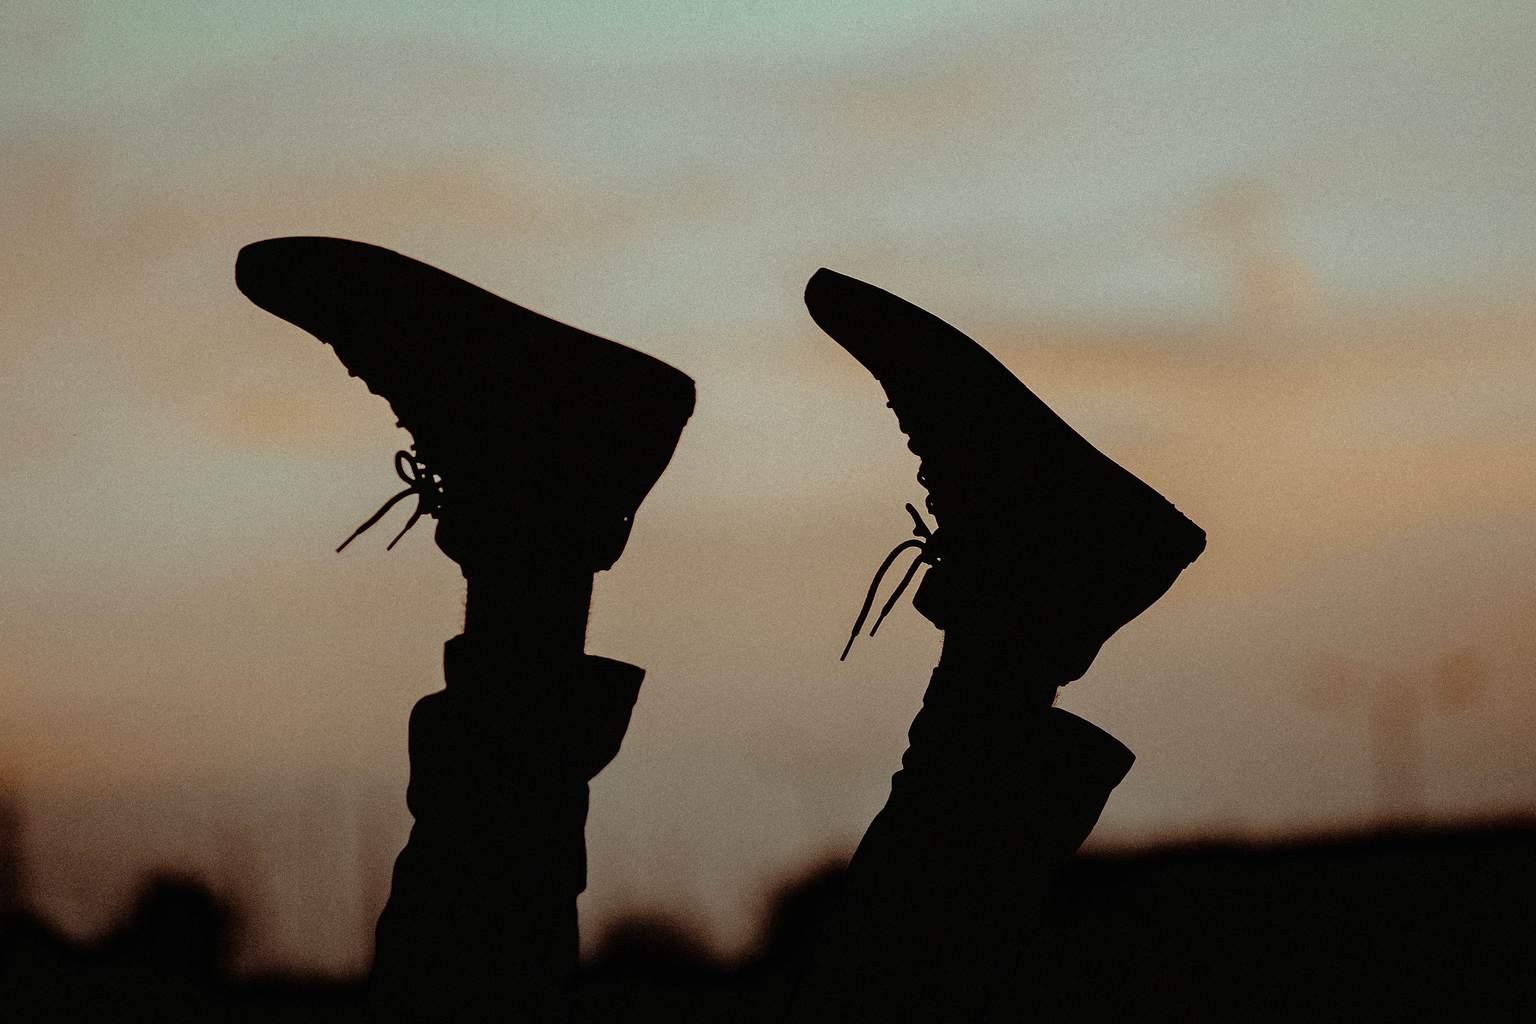 Silueta de zapatos en unos pies al aire